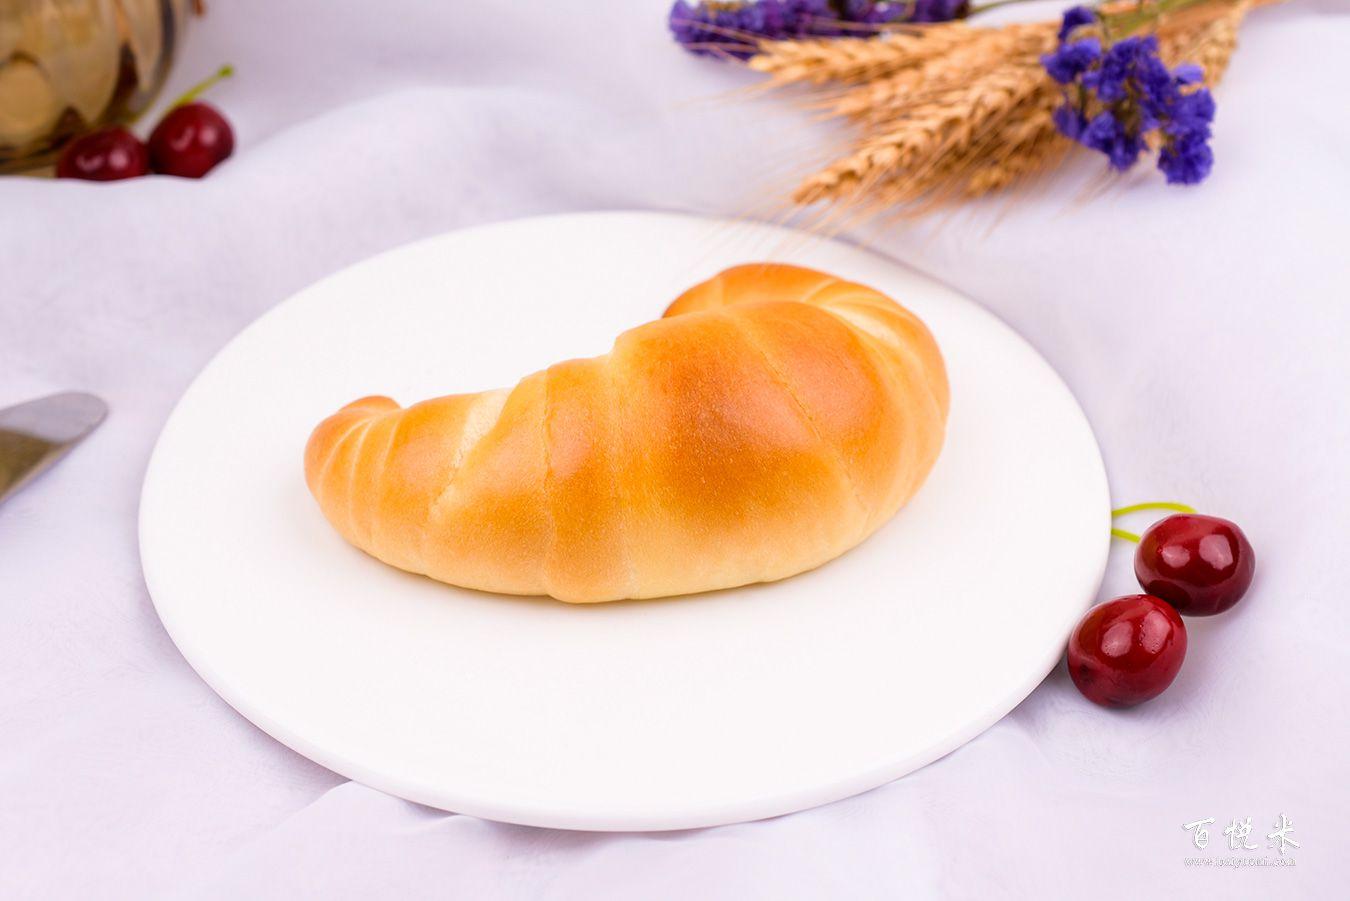 软牛角面包高清图片大全【蛋糕图片】_426